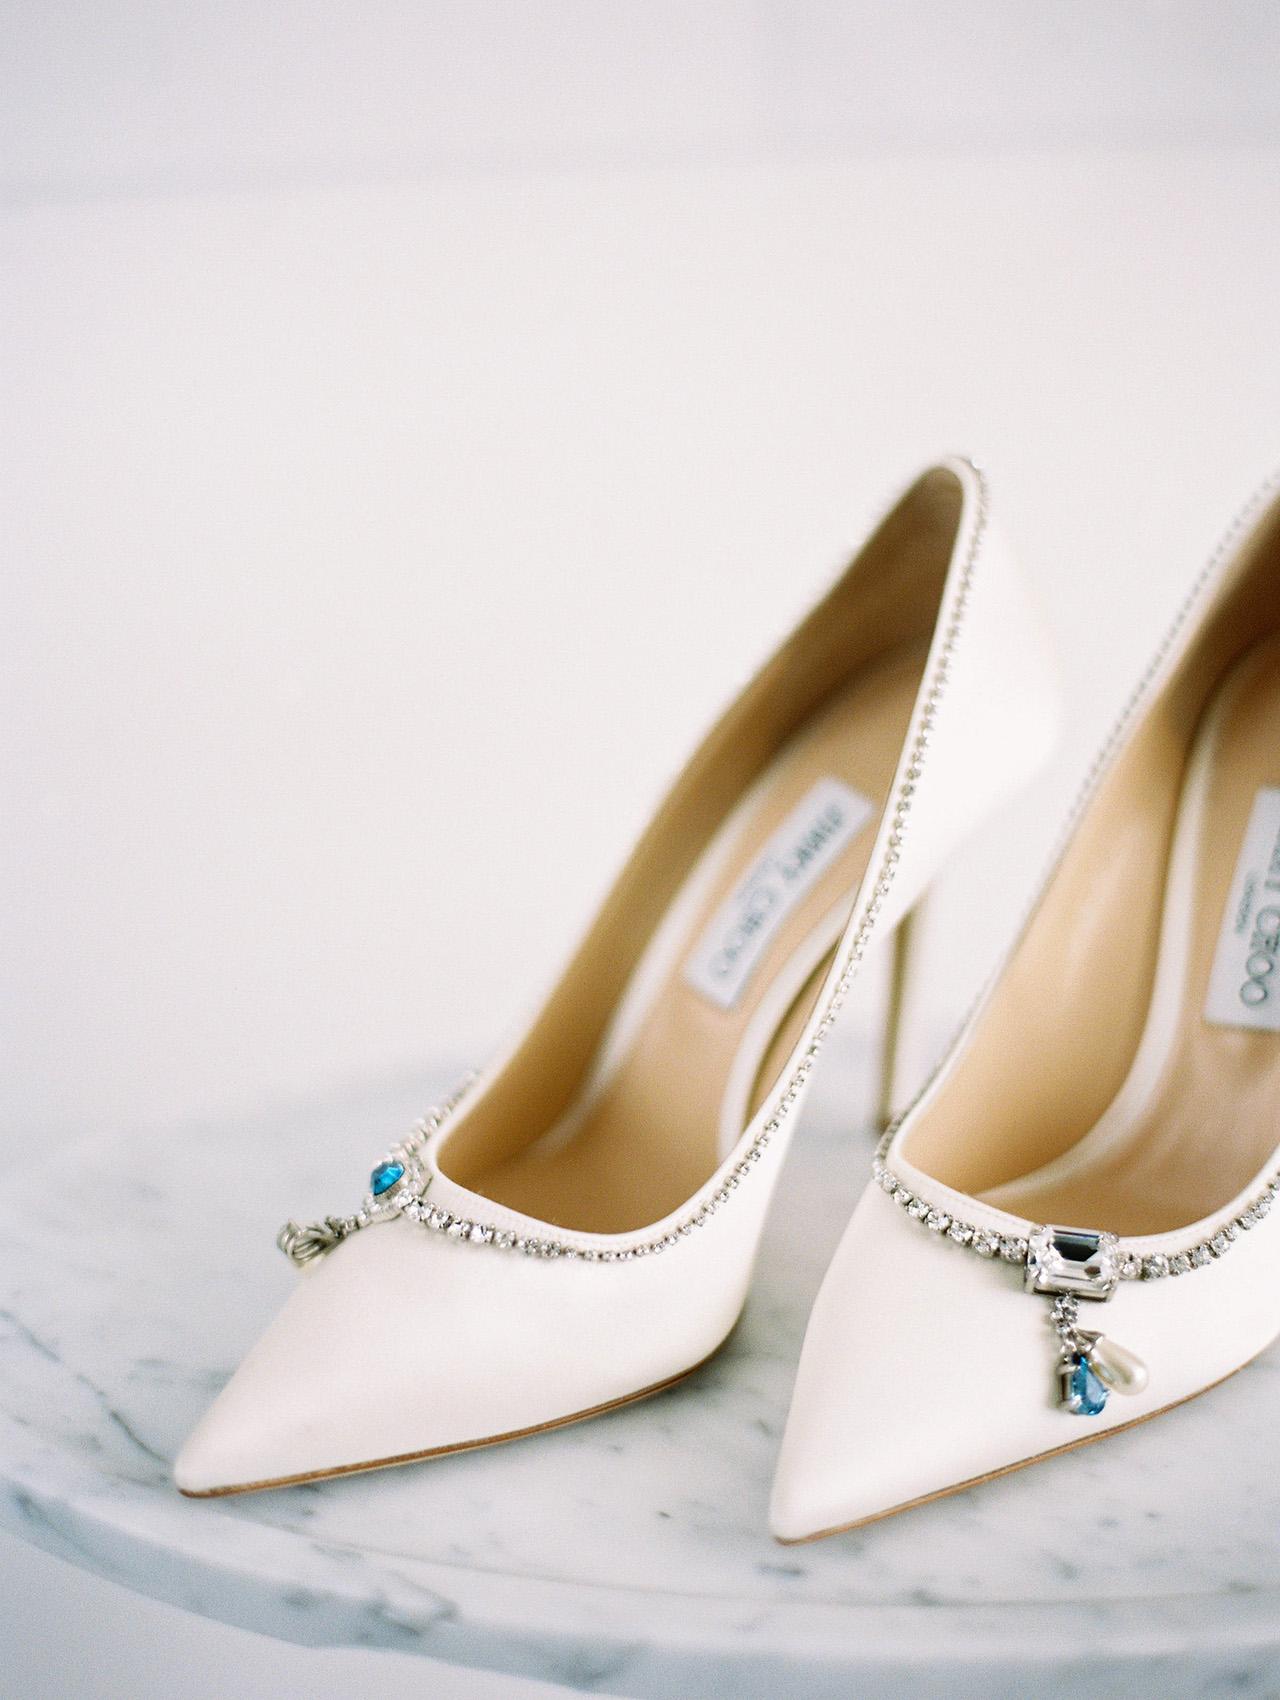 denita john wedding shoes bride